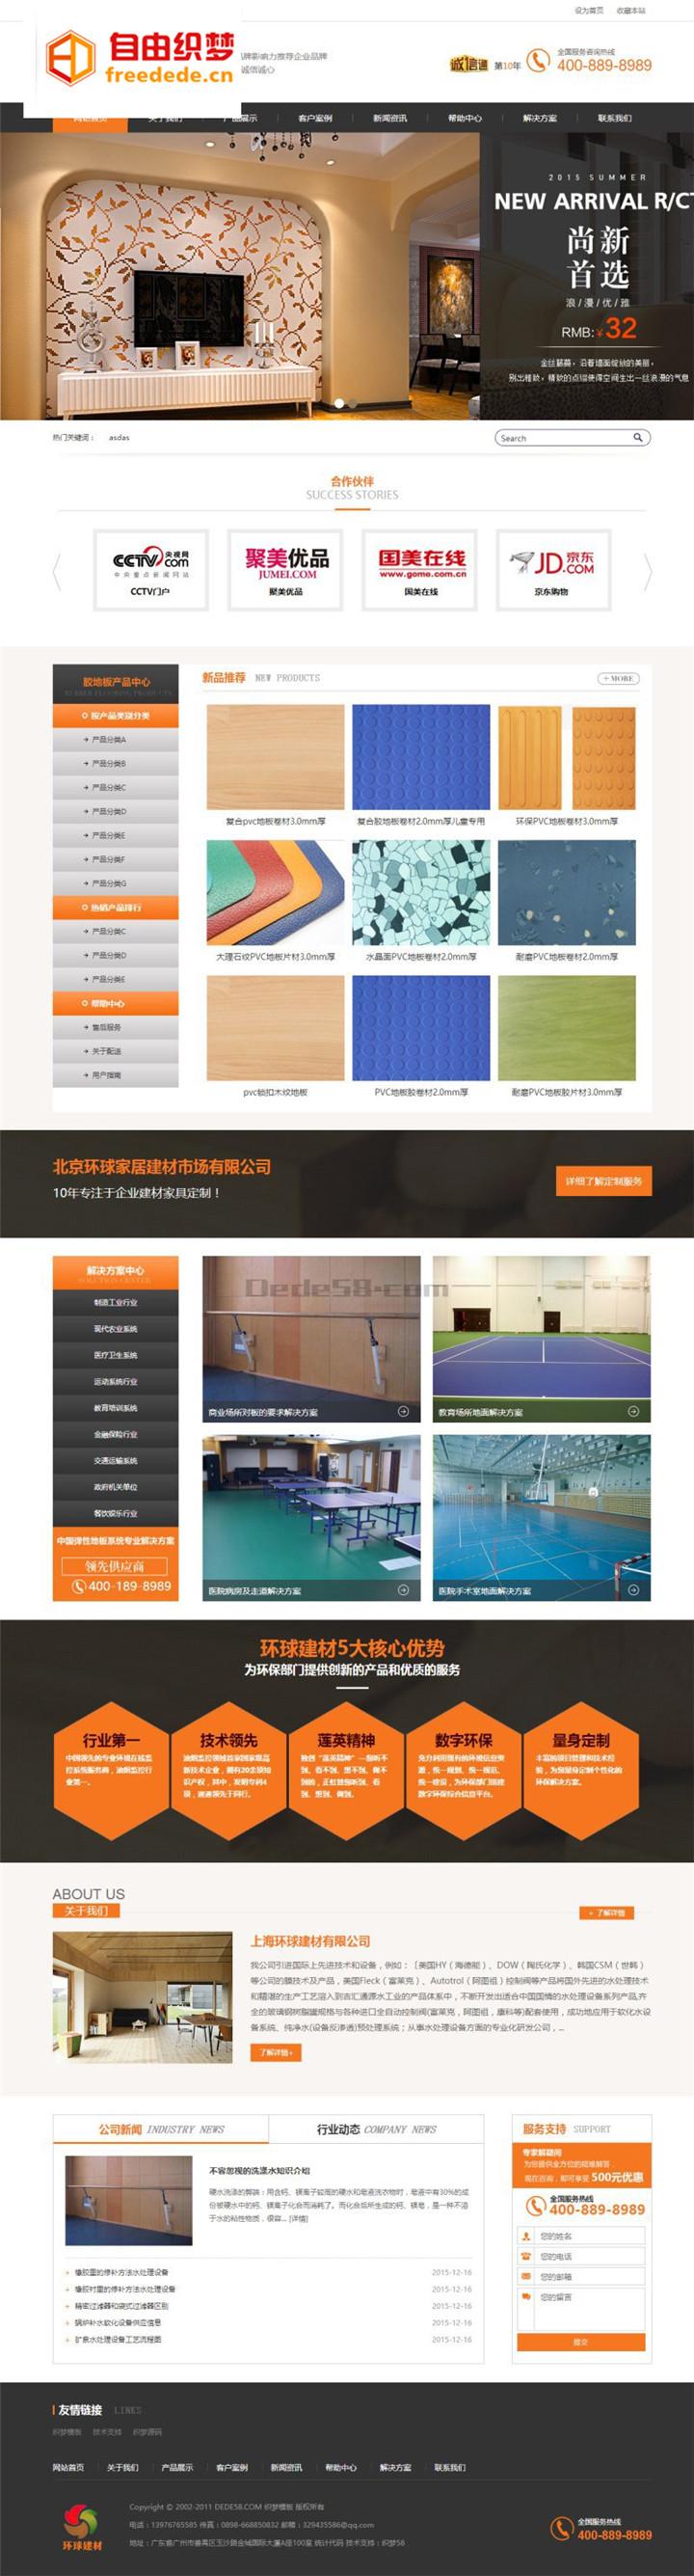 爱上源码网文章dedecms装饰建材家具织梦模板产品展示网站模板营销型整站源码的内容插图